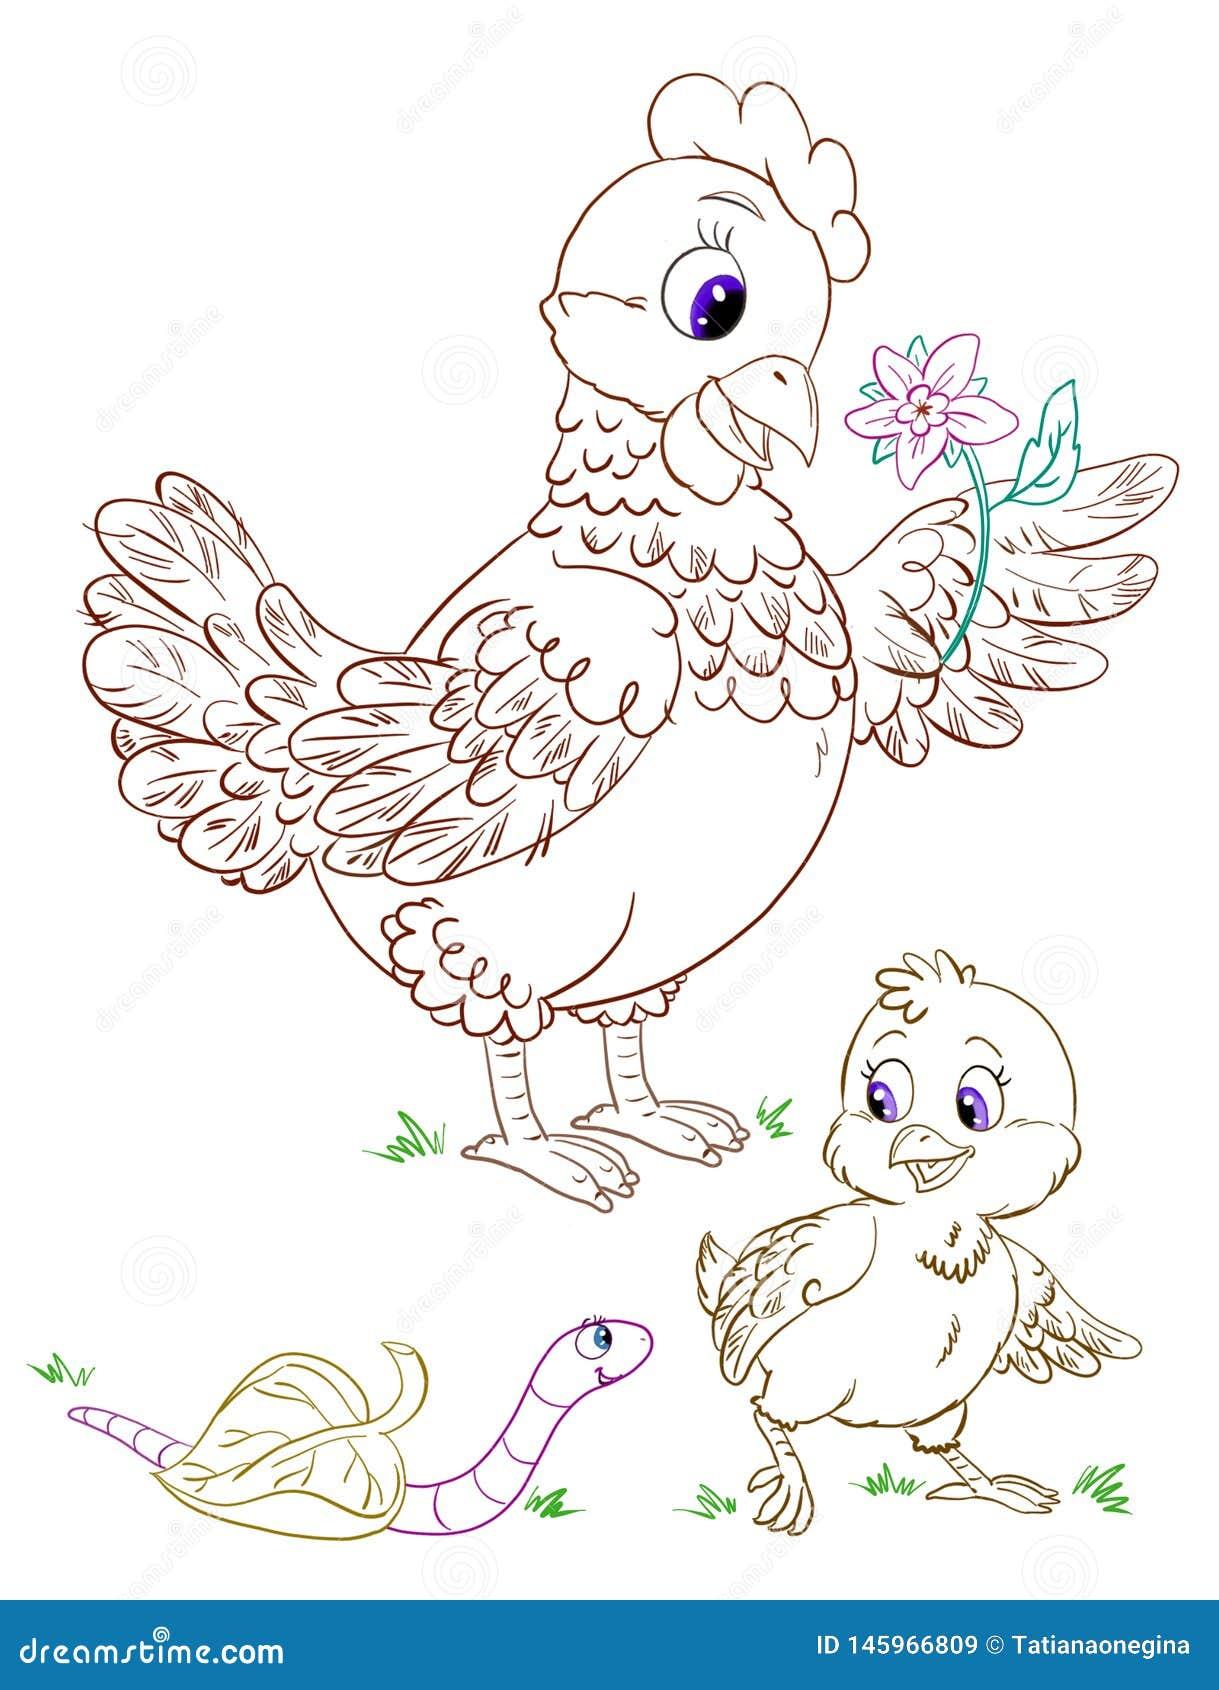 Pagina Colorindo Dos Desenhos Animados Com Esboco Da Cor Da